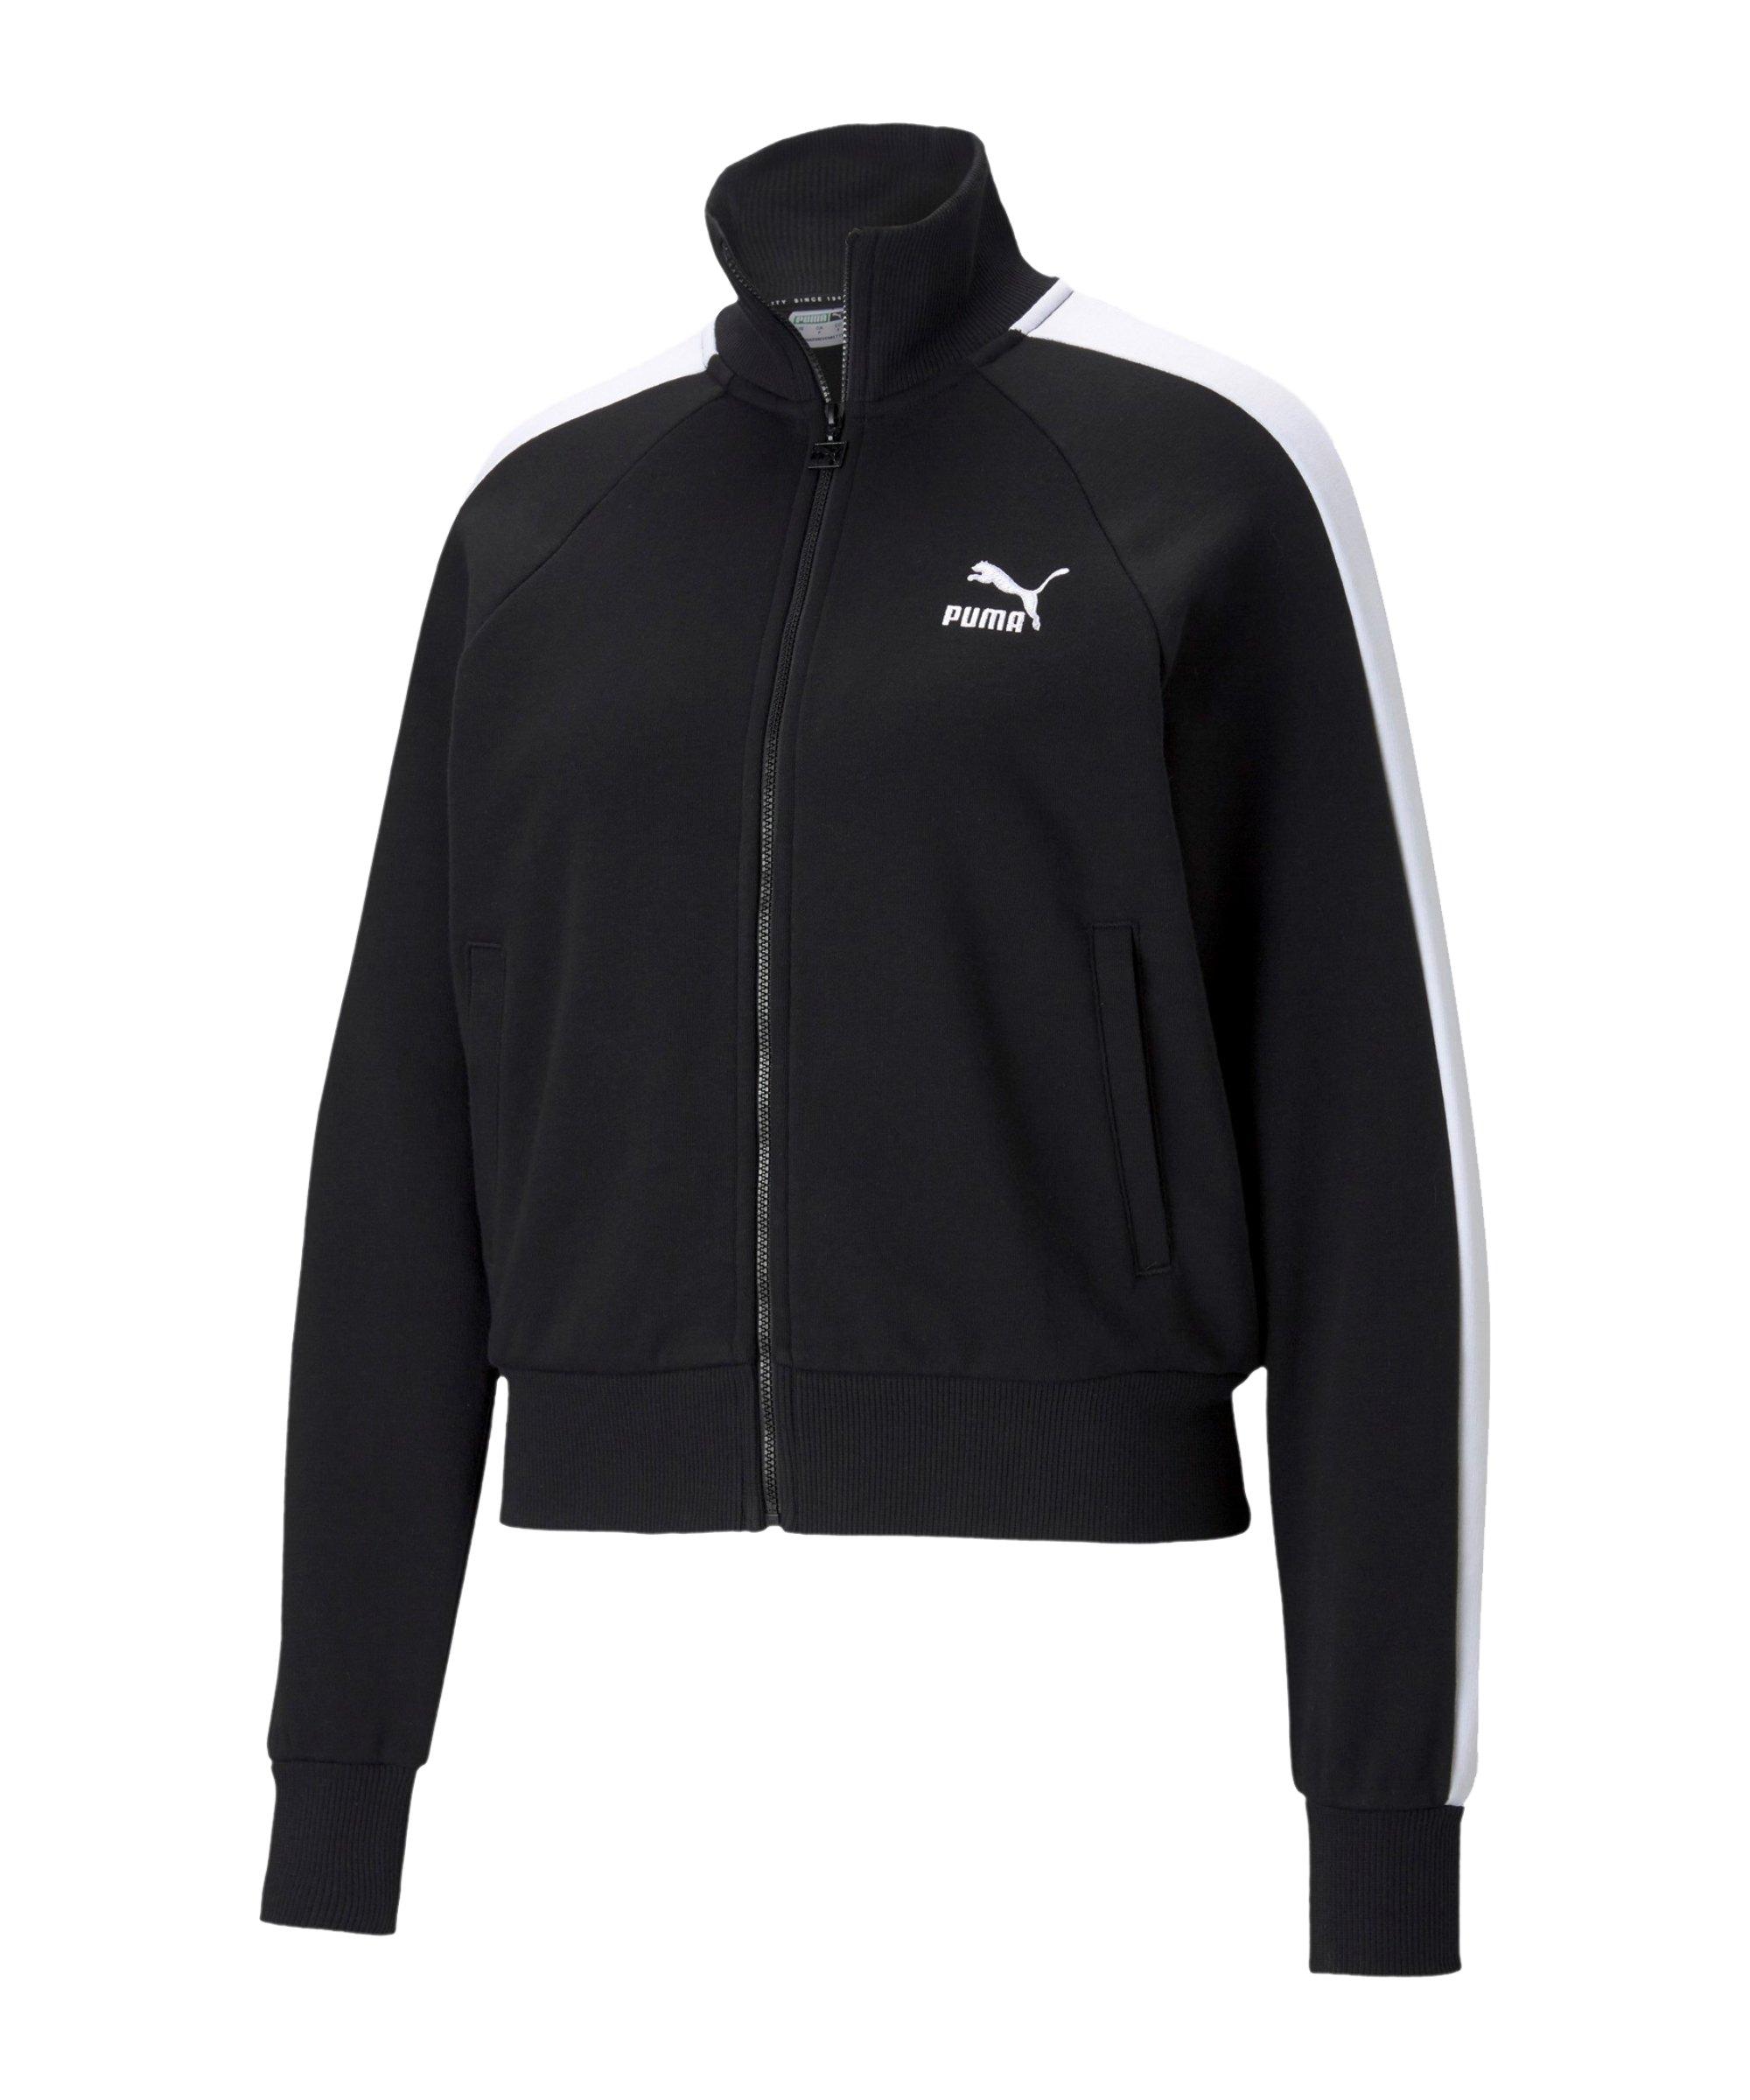 PUMA Iconic T7 Jacke Damen Schwarz F01 - schwarz